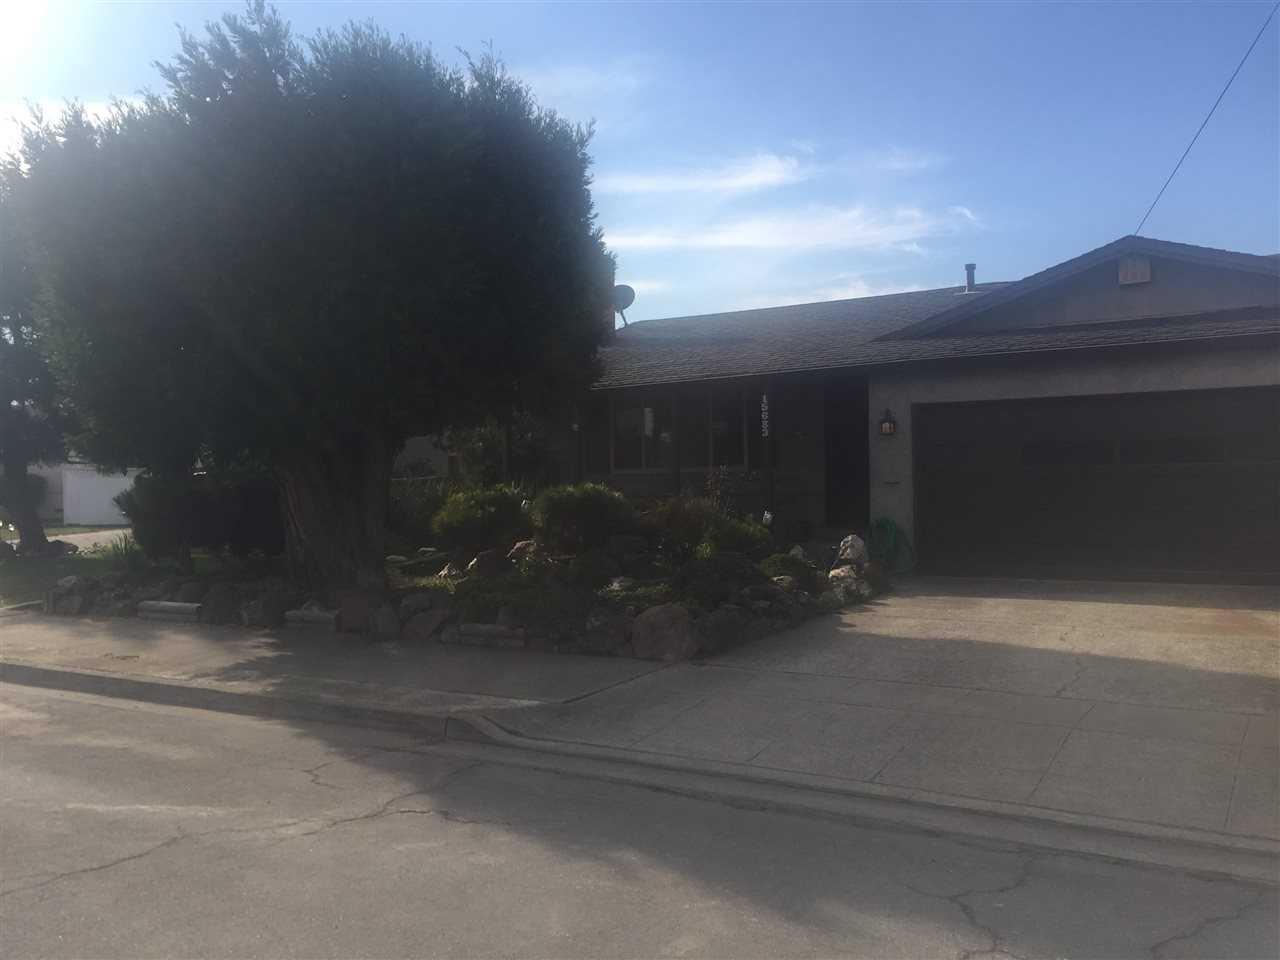 15683 Cranbrook St San Leandro, CA 94579 | MLS 40849621 Photo 1